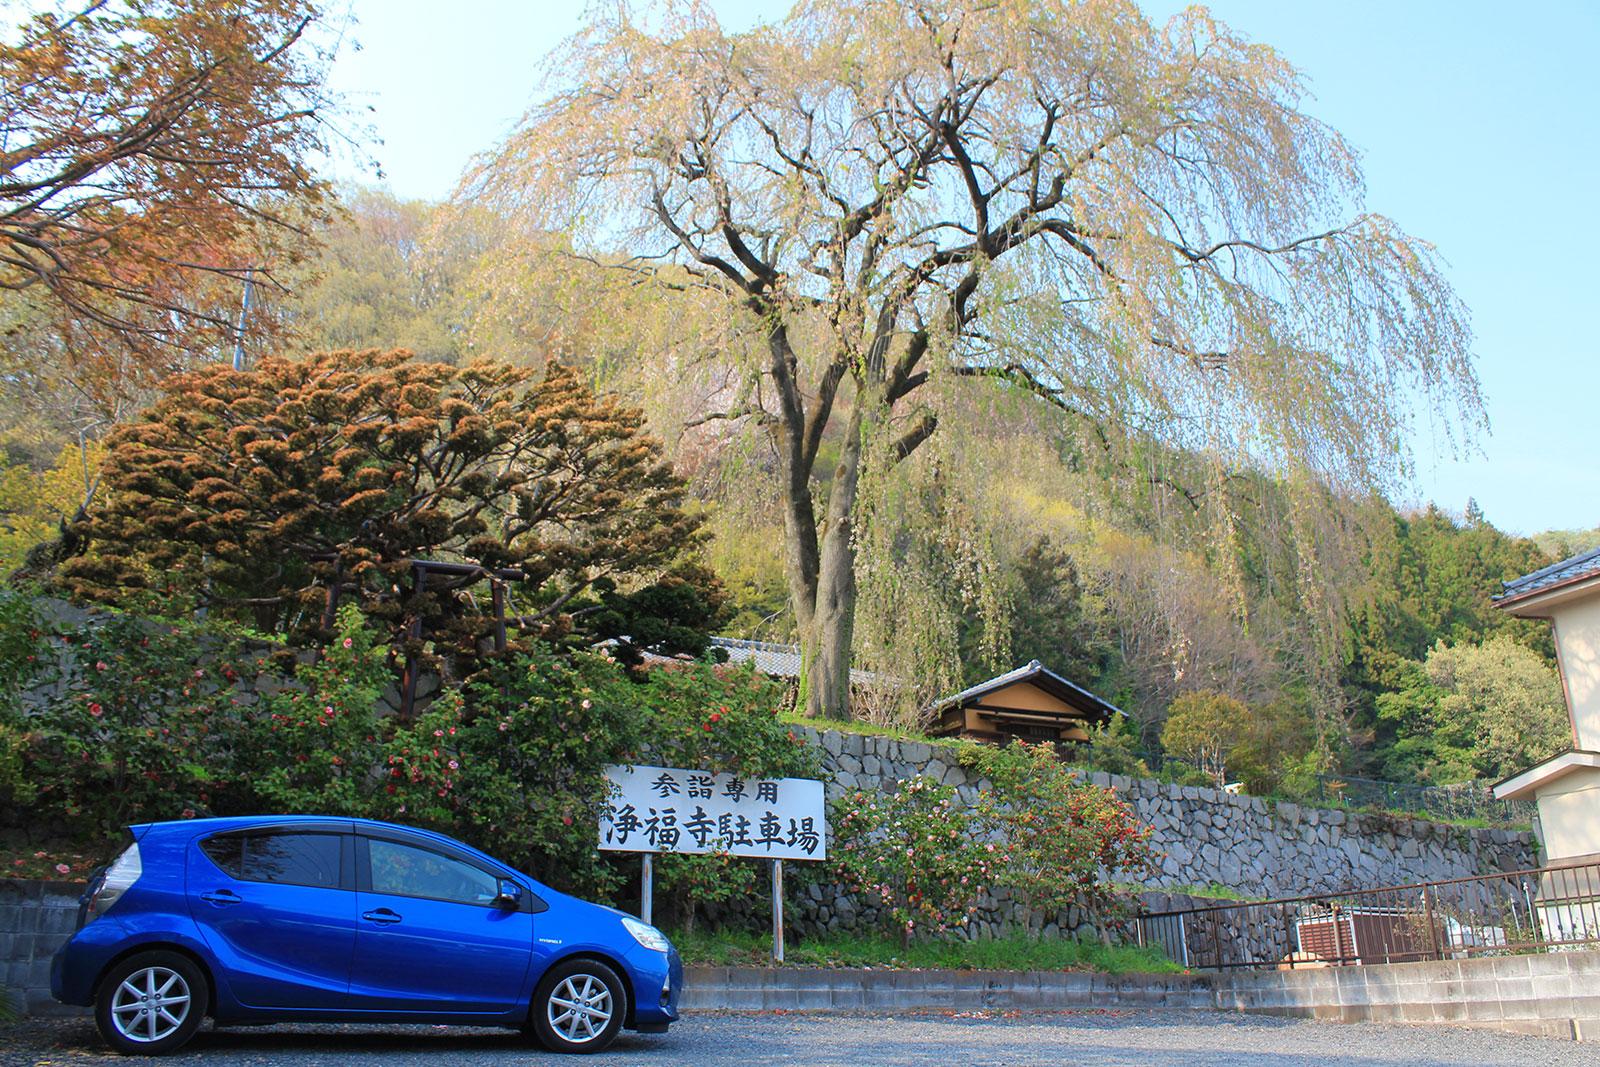 駐車場上のしだれ桜の木